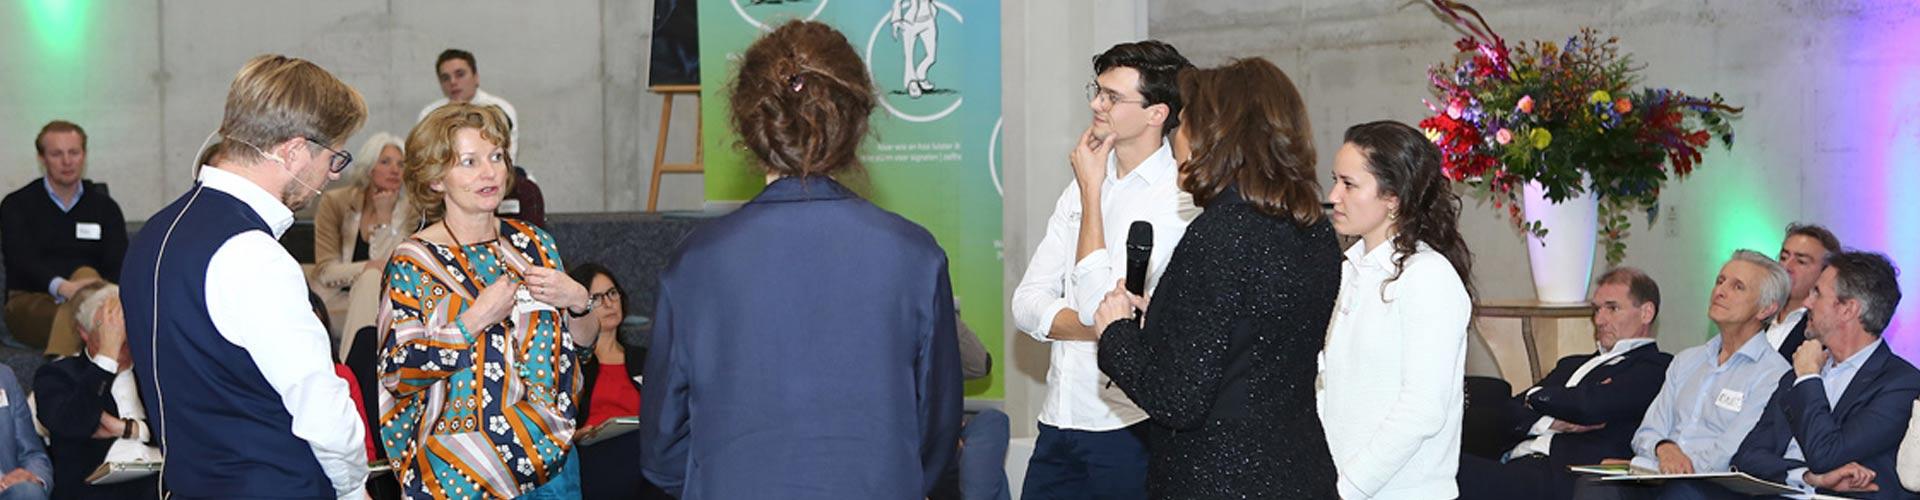 Stakeholderdialoog sessie